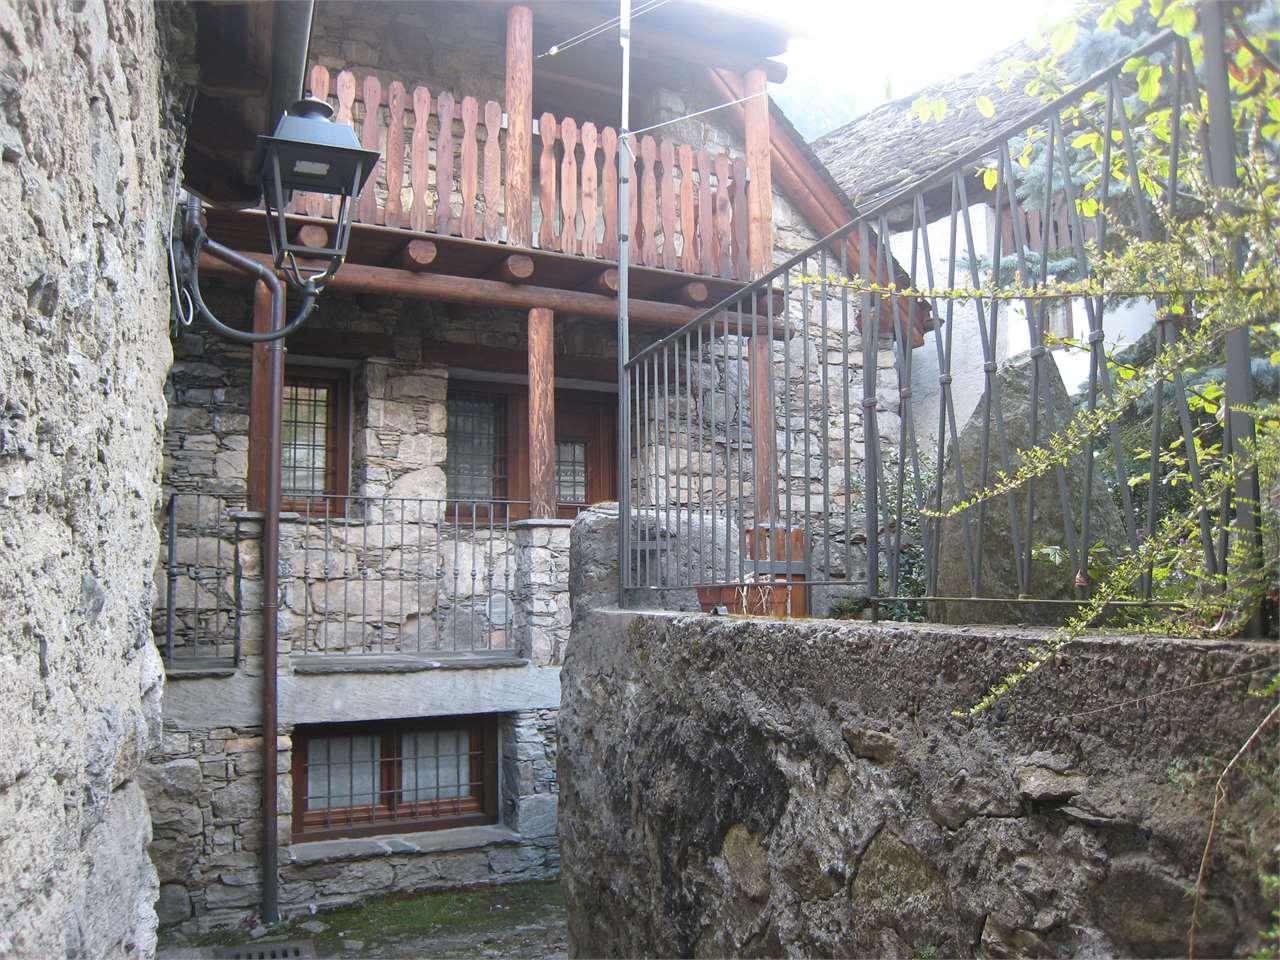 Foto 1 di Casa indipendente via negri parnisetti 11, Bannio Anzino